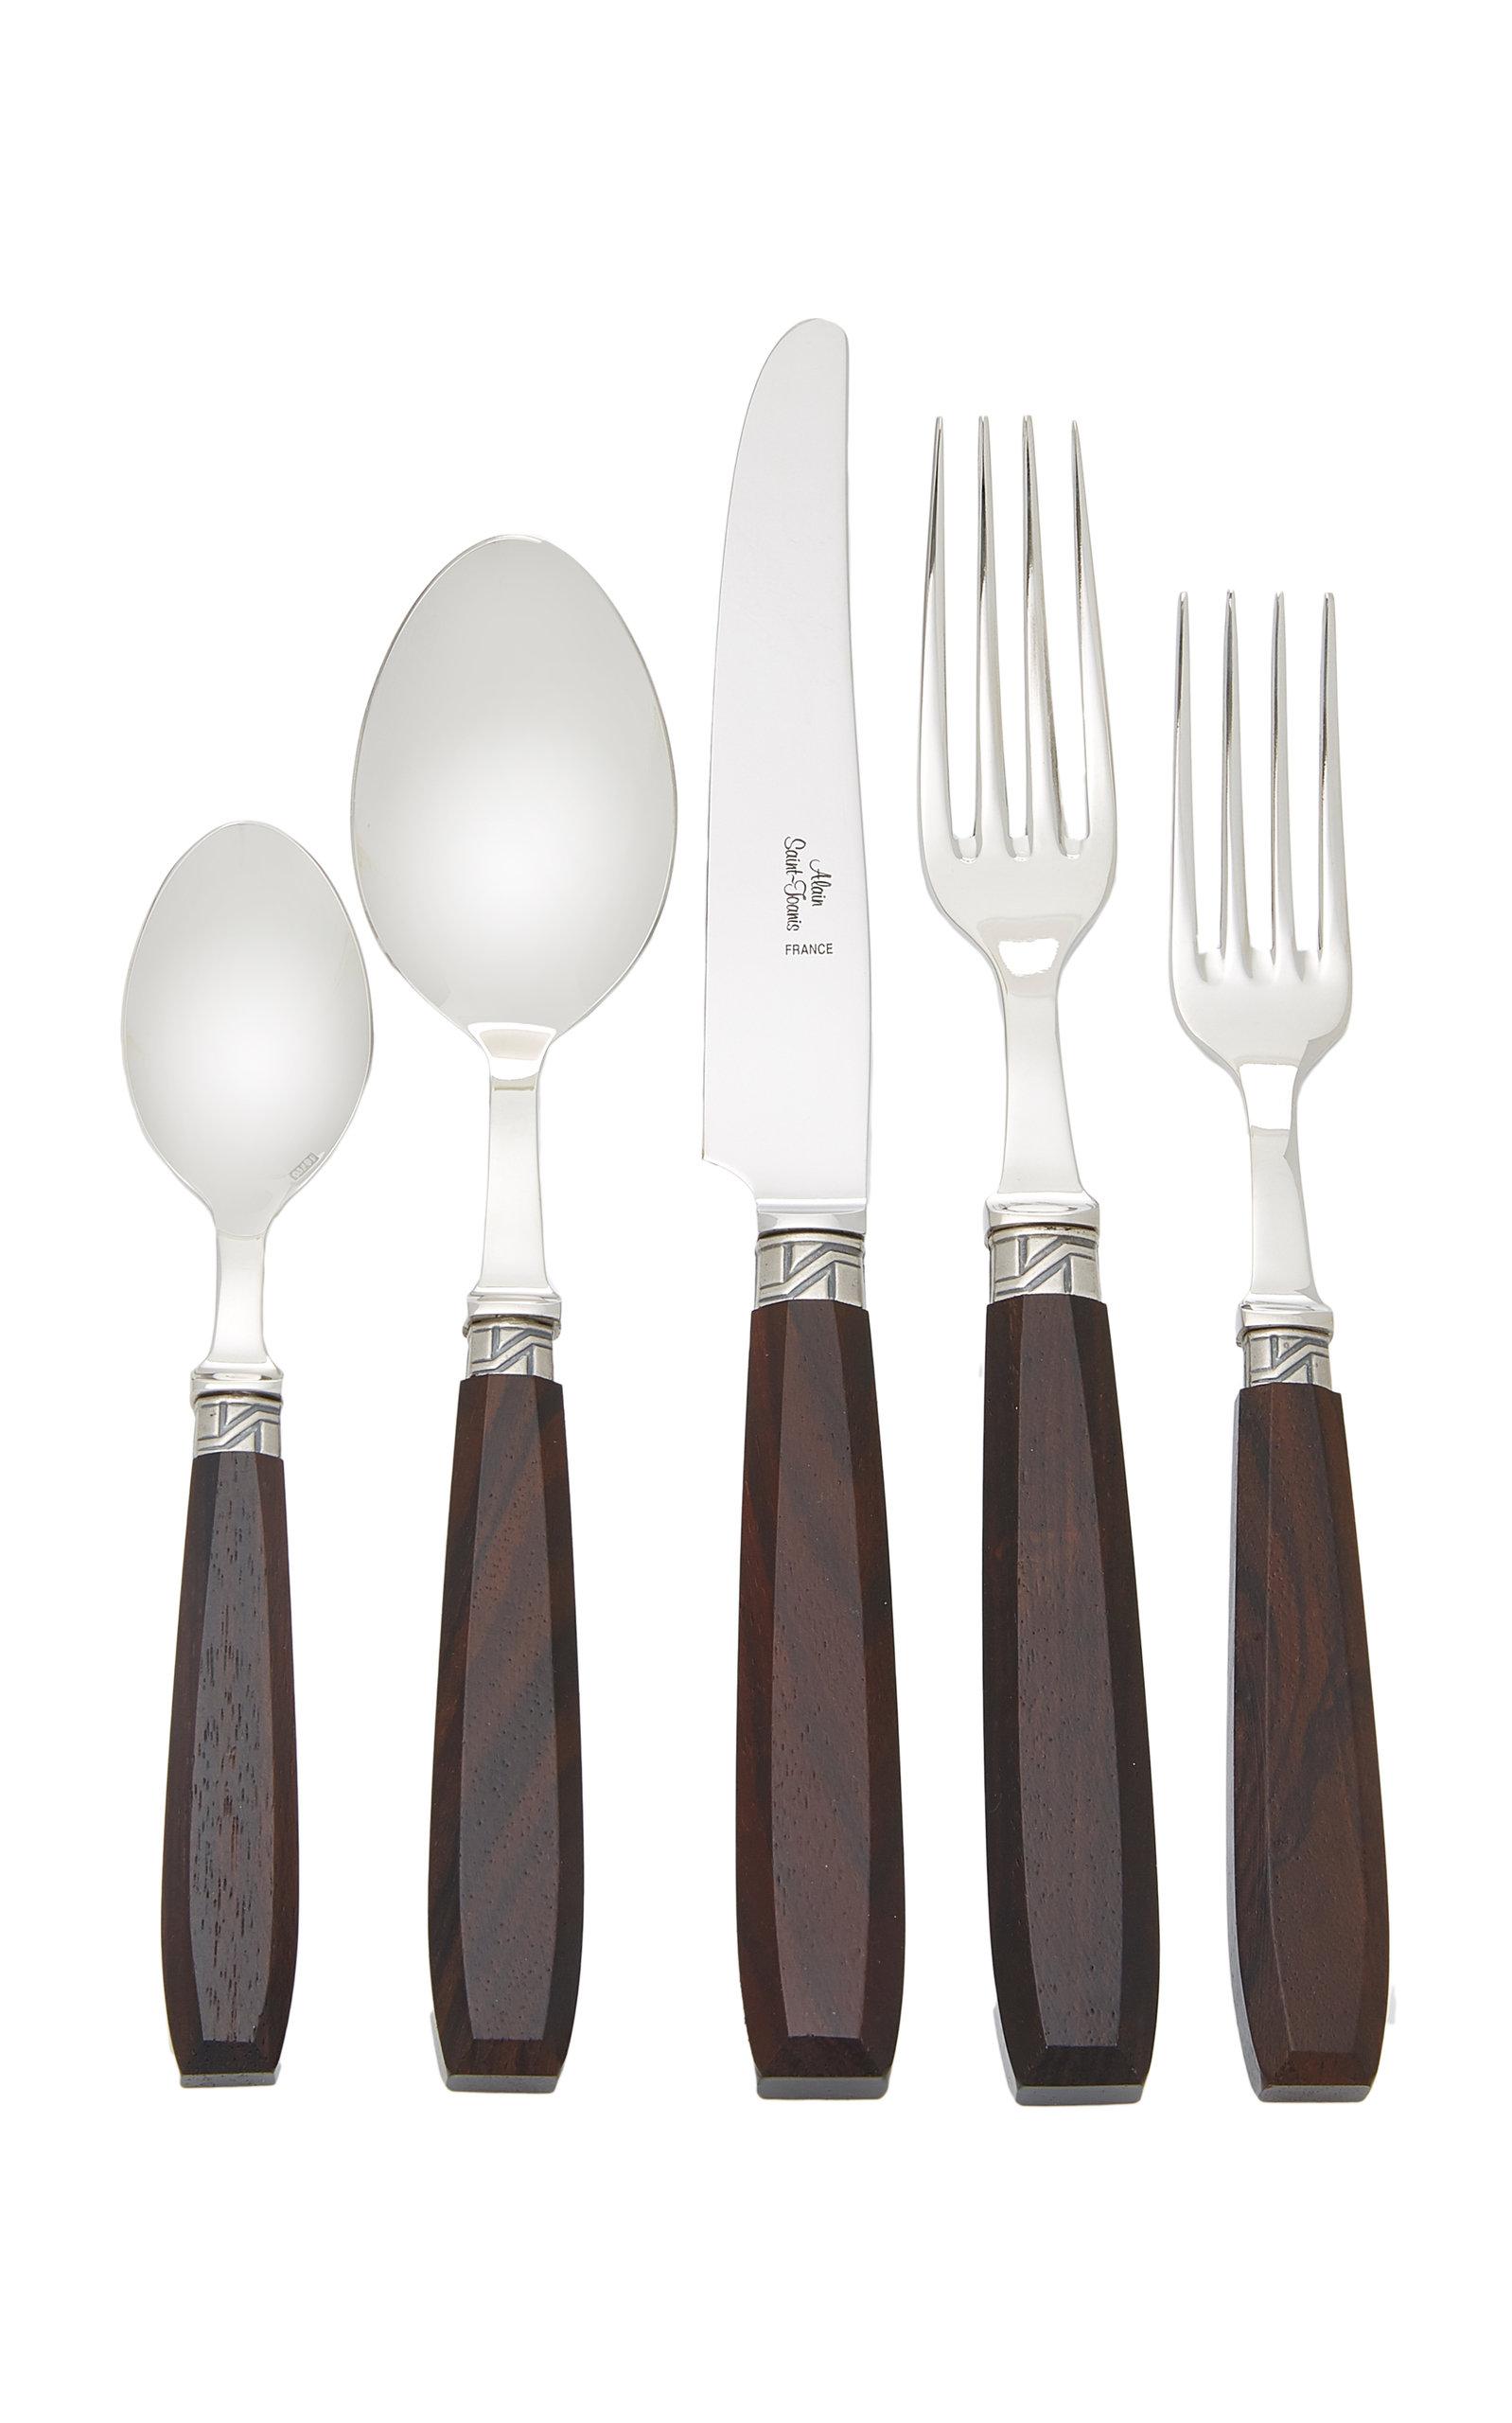 Sancy Rosewood Stainless Steel Silverware Set by Alain Saint-Joanis ...